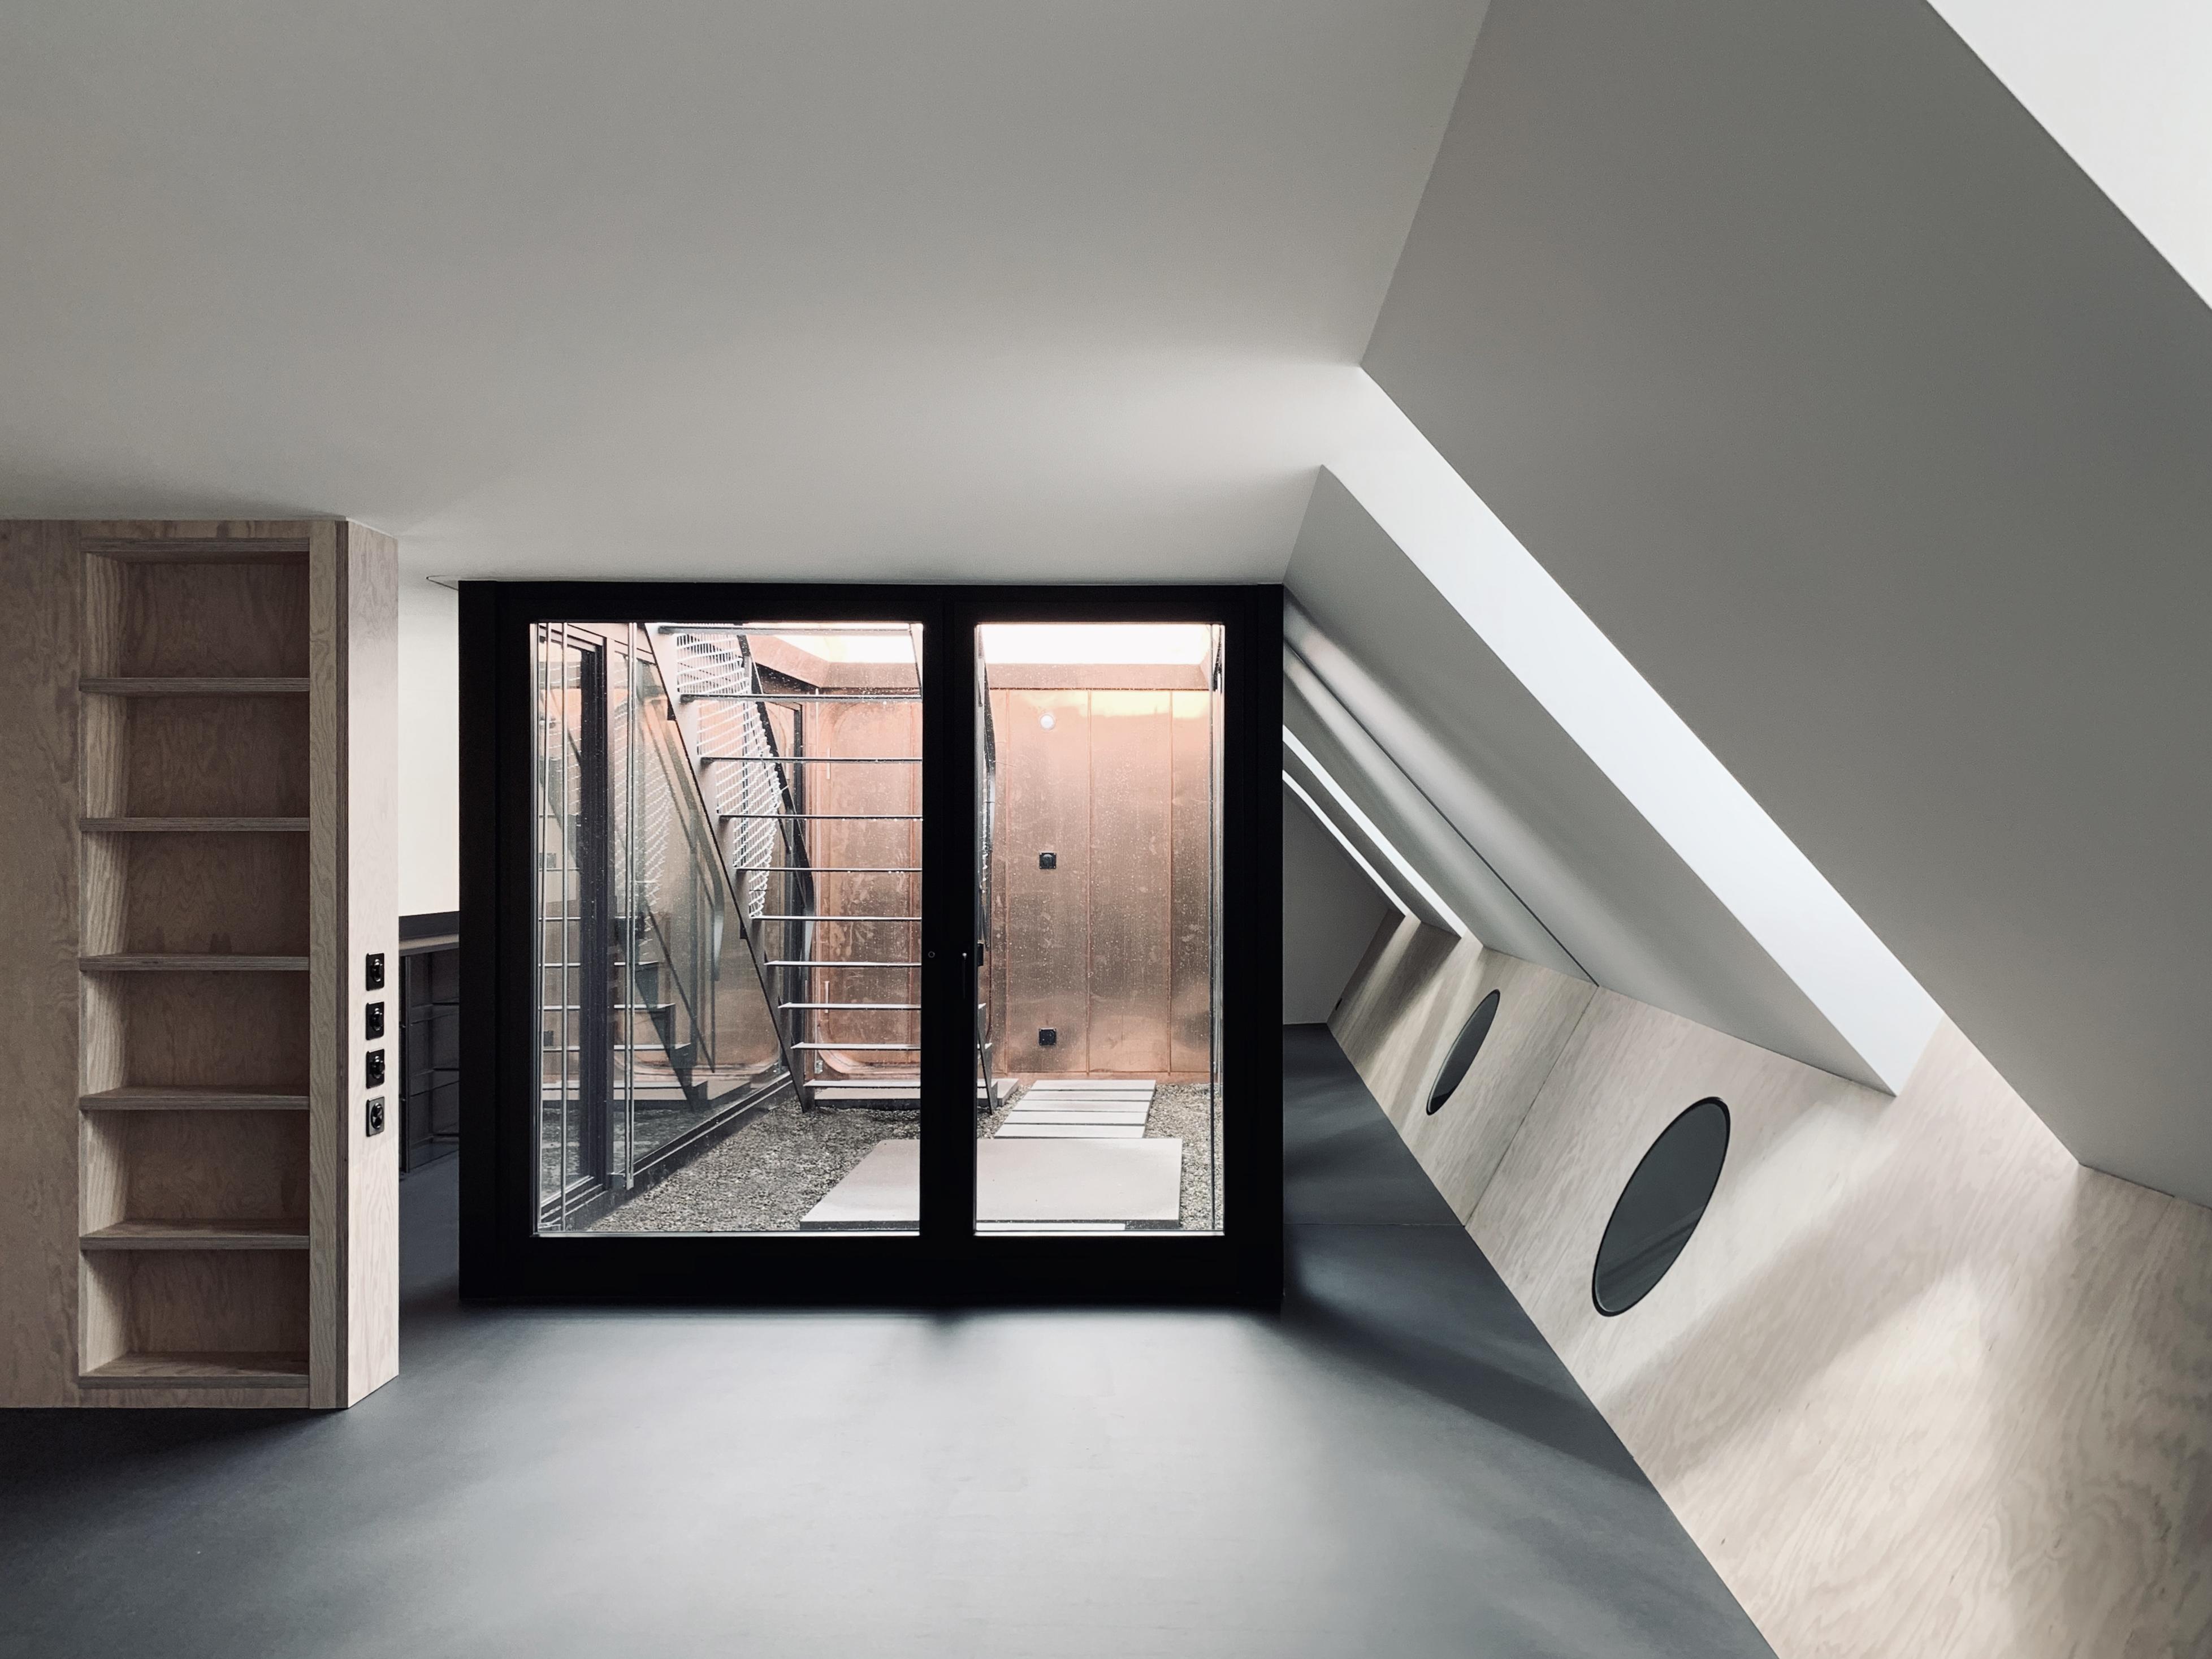 Umbau Wohnhaus Zürich: Schlafzimmer mit Atrium Dachwohnung